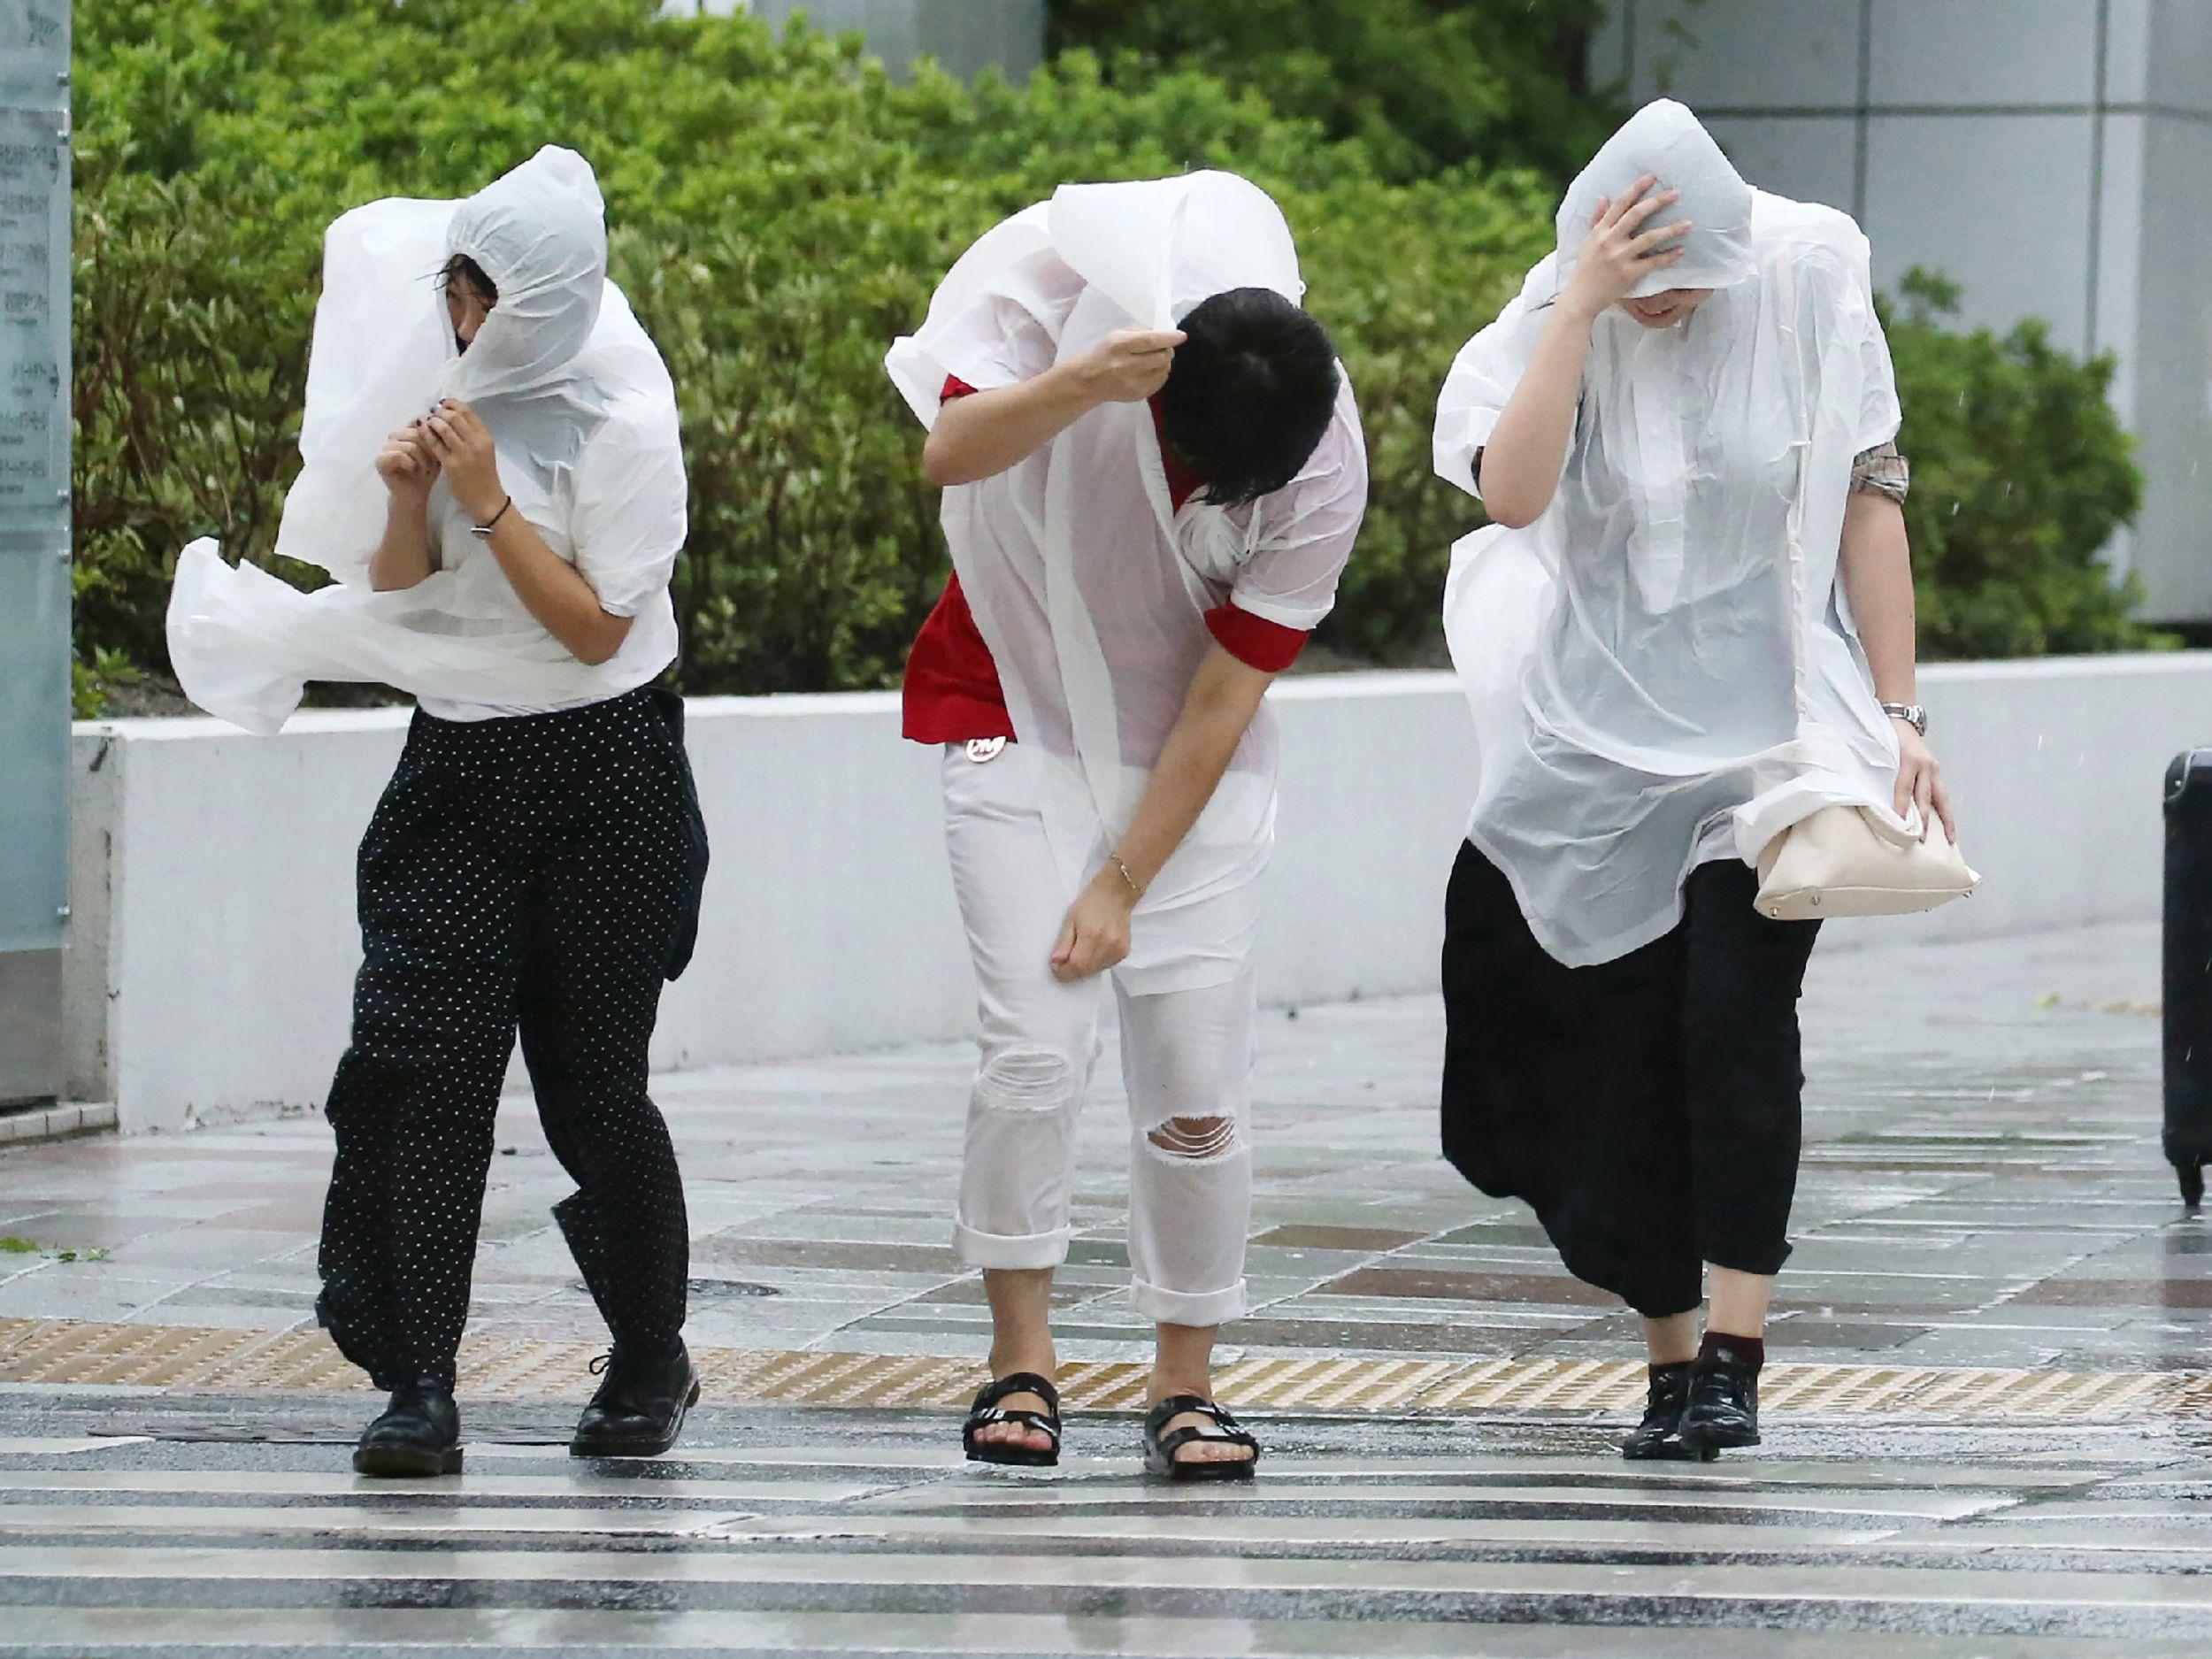 اليابانين يختبؤون فى معاطف بلاستيكية